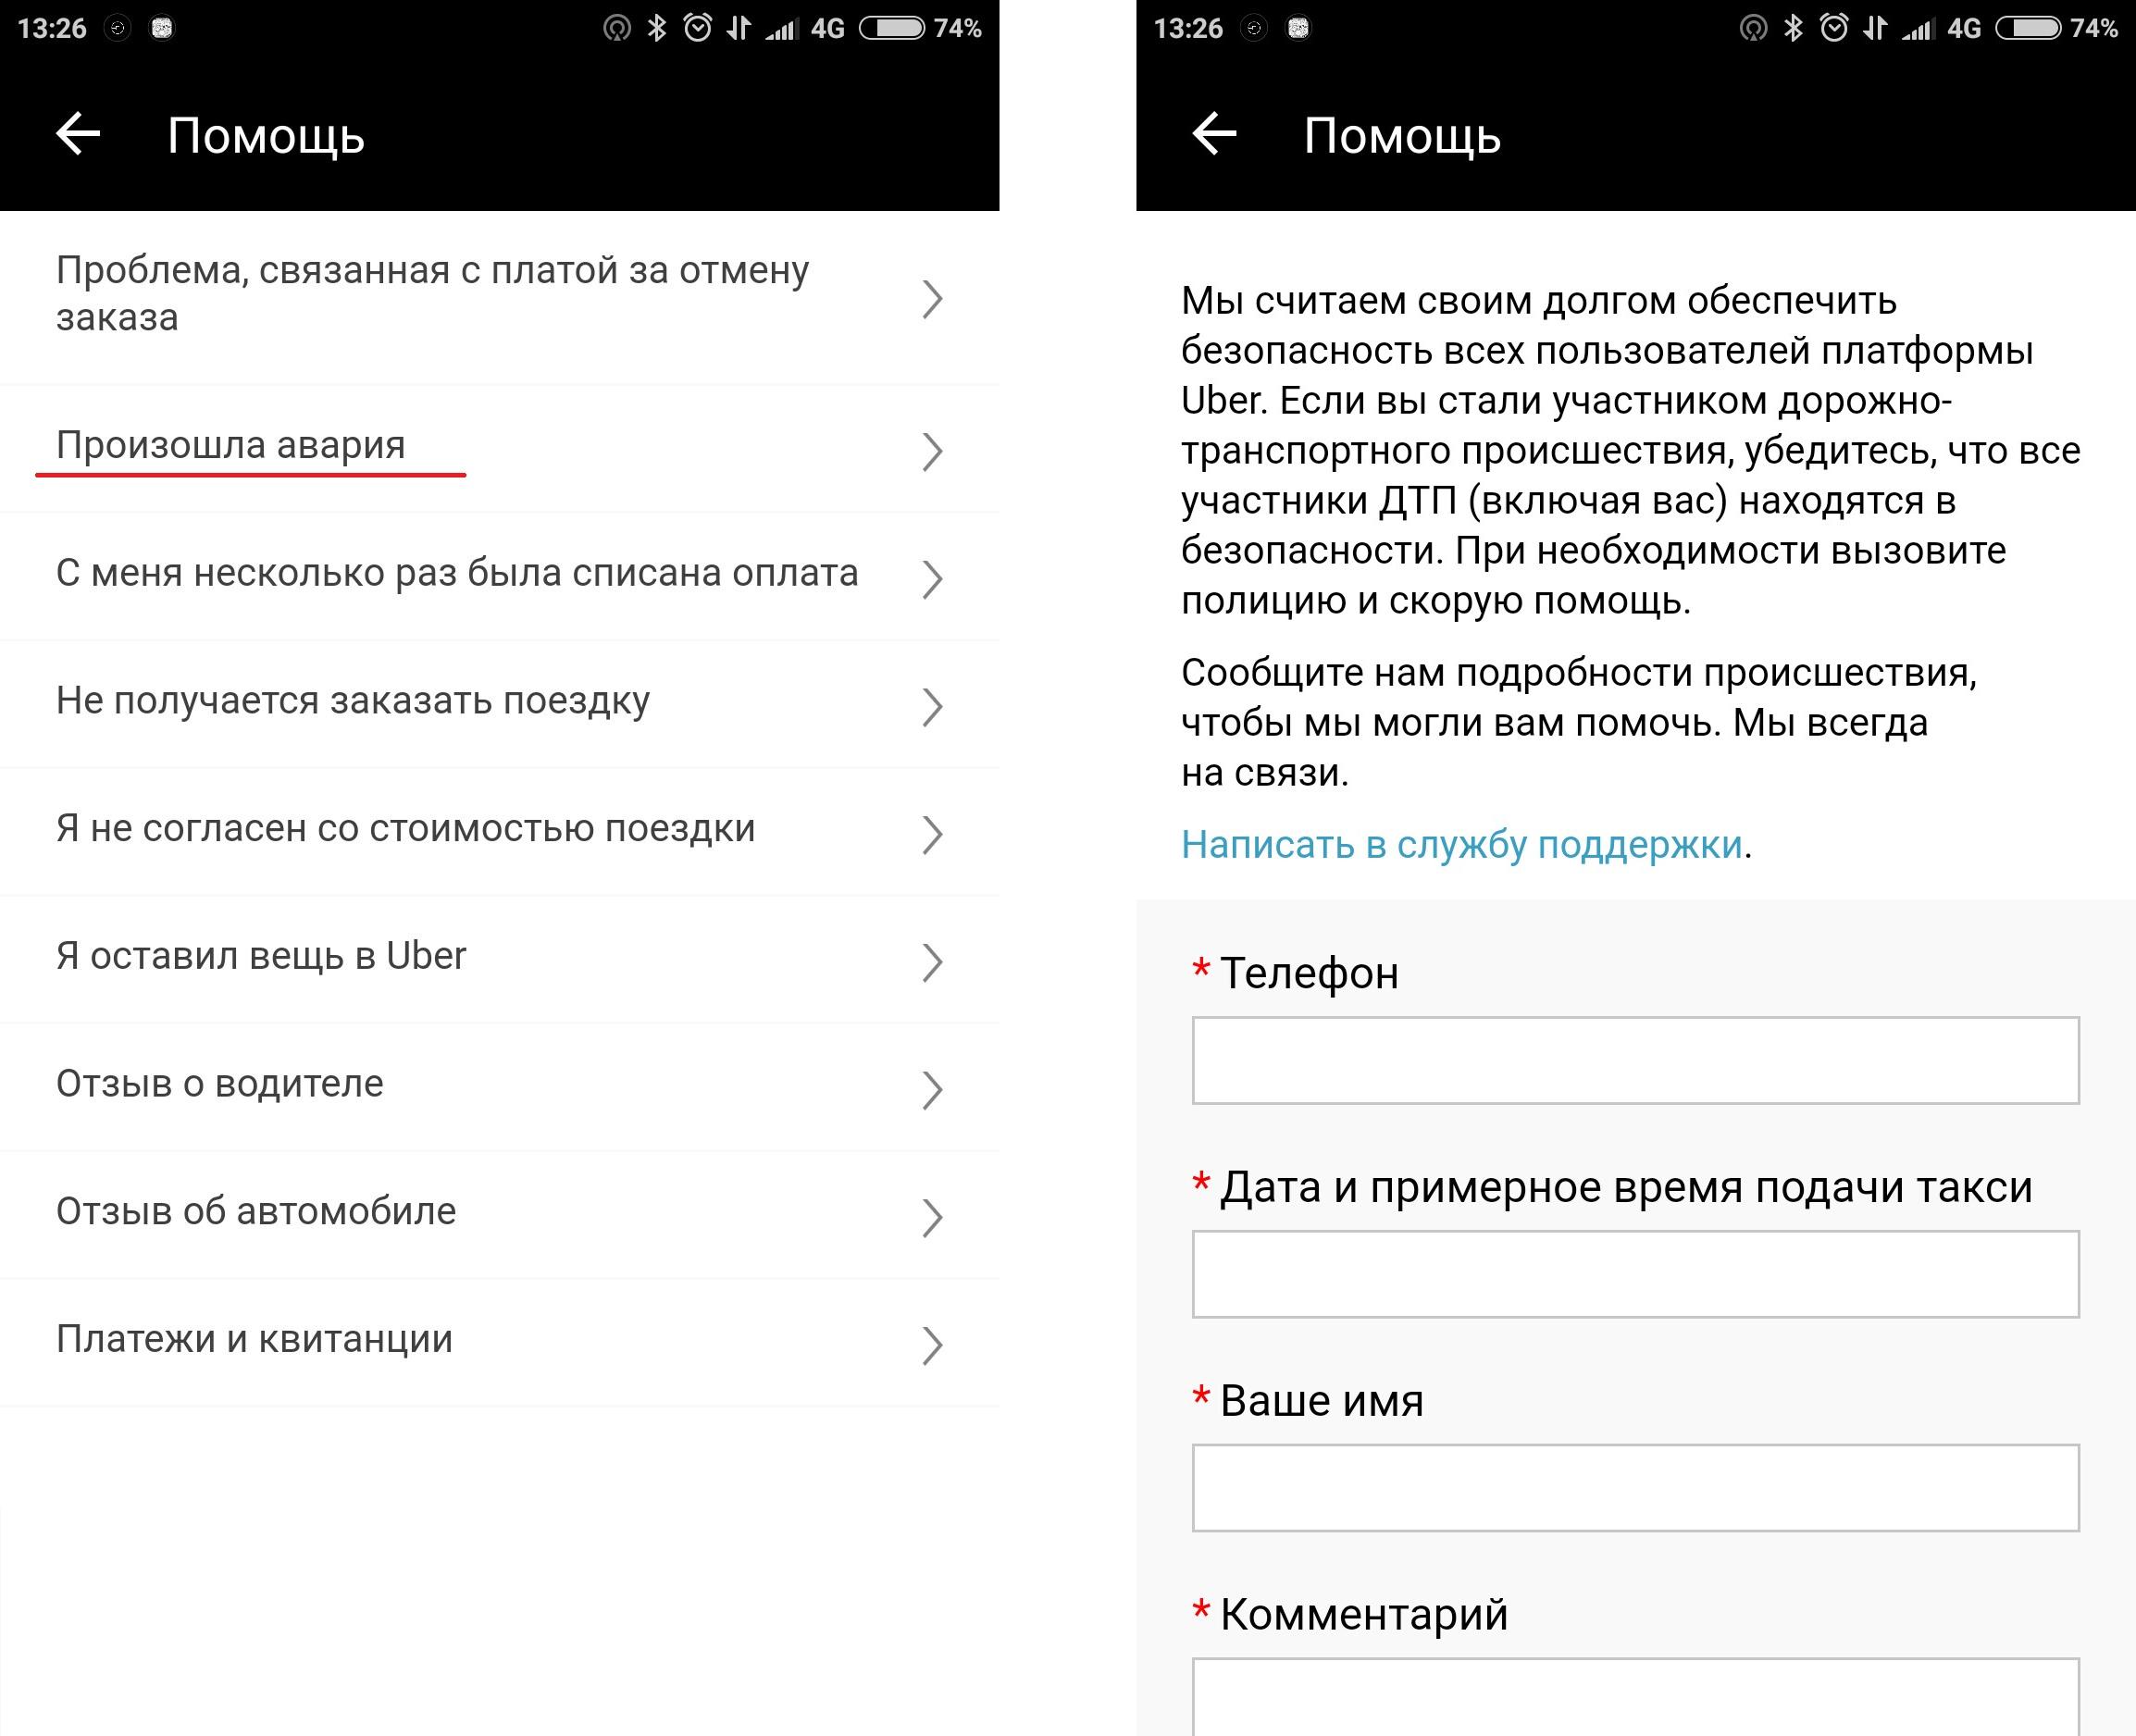 Клиенты крупных агрегаторов такси могут сообщить о ДТП прямо из мобильного приложения